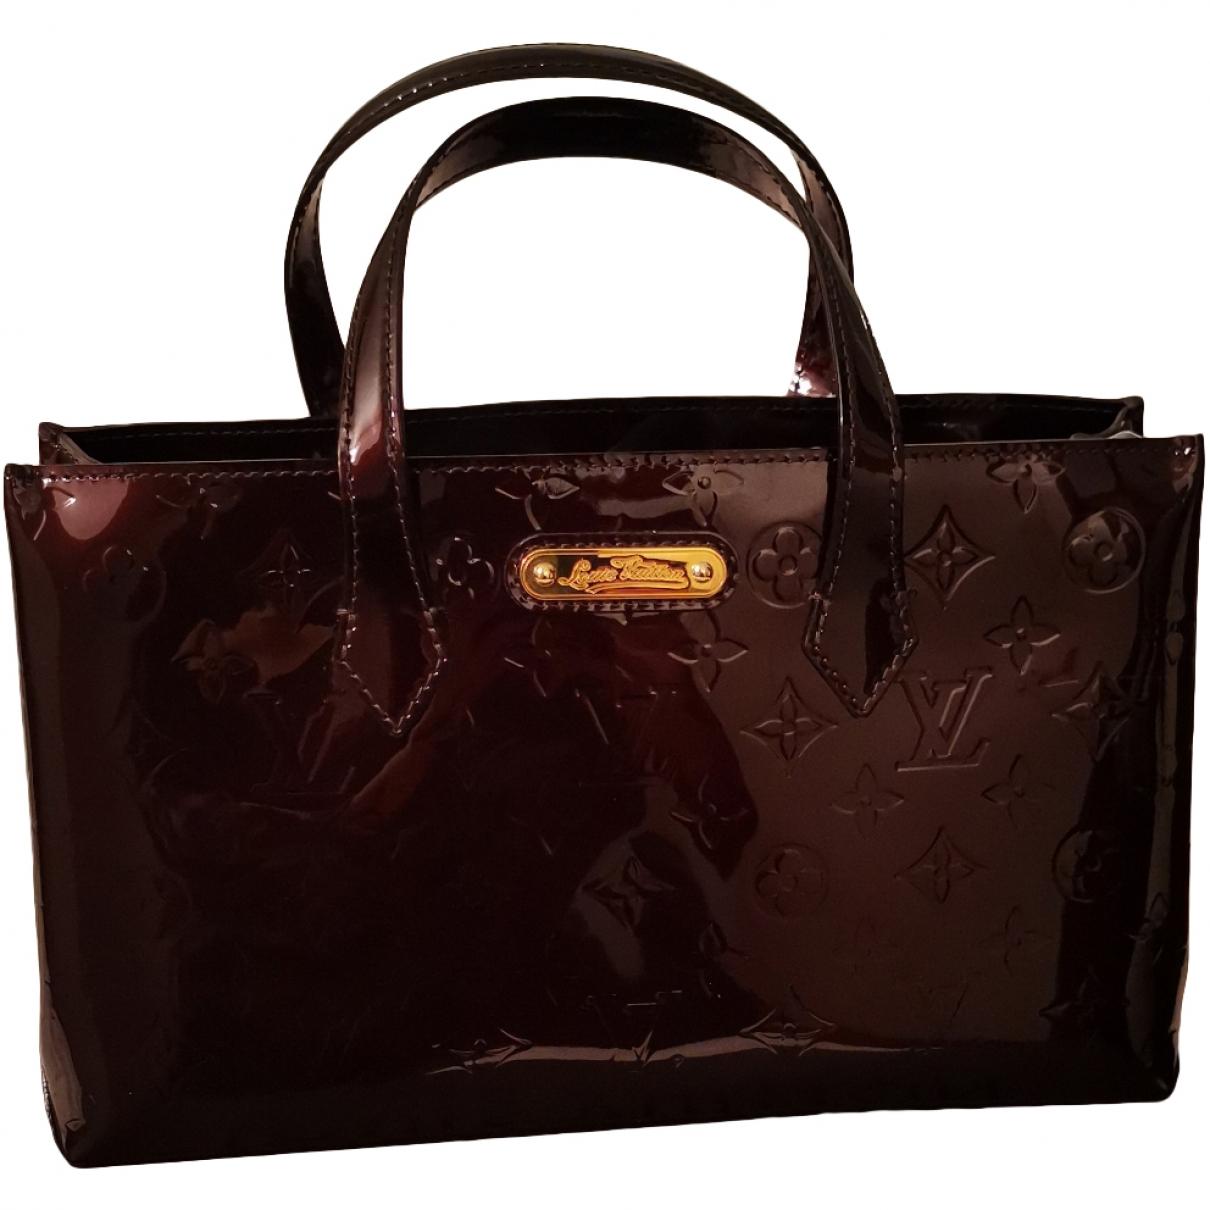 Louis Vuitton - Sac a main Wilshire pour femme en cuir verni - marron